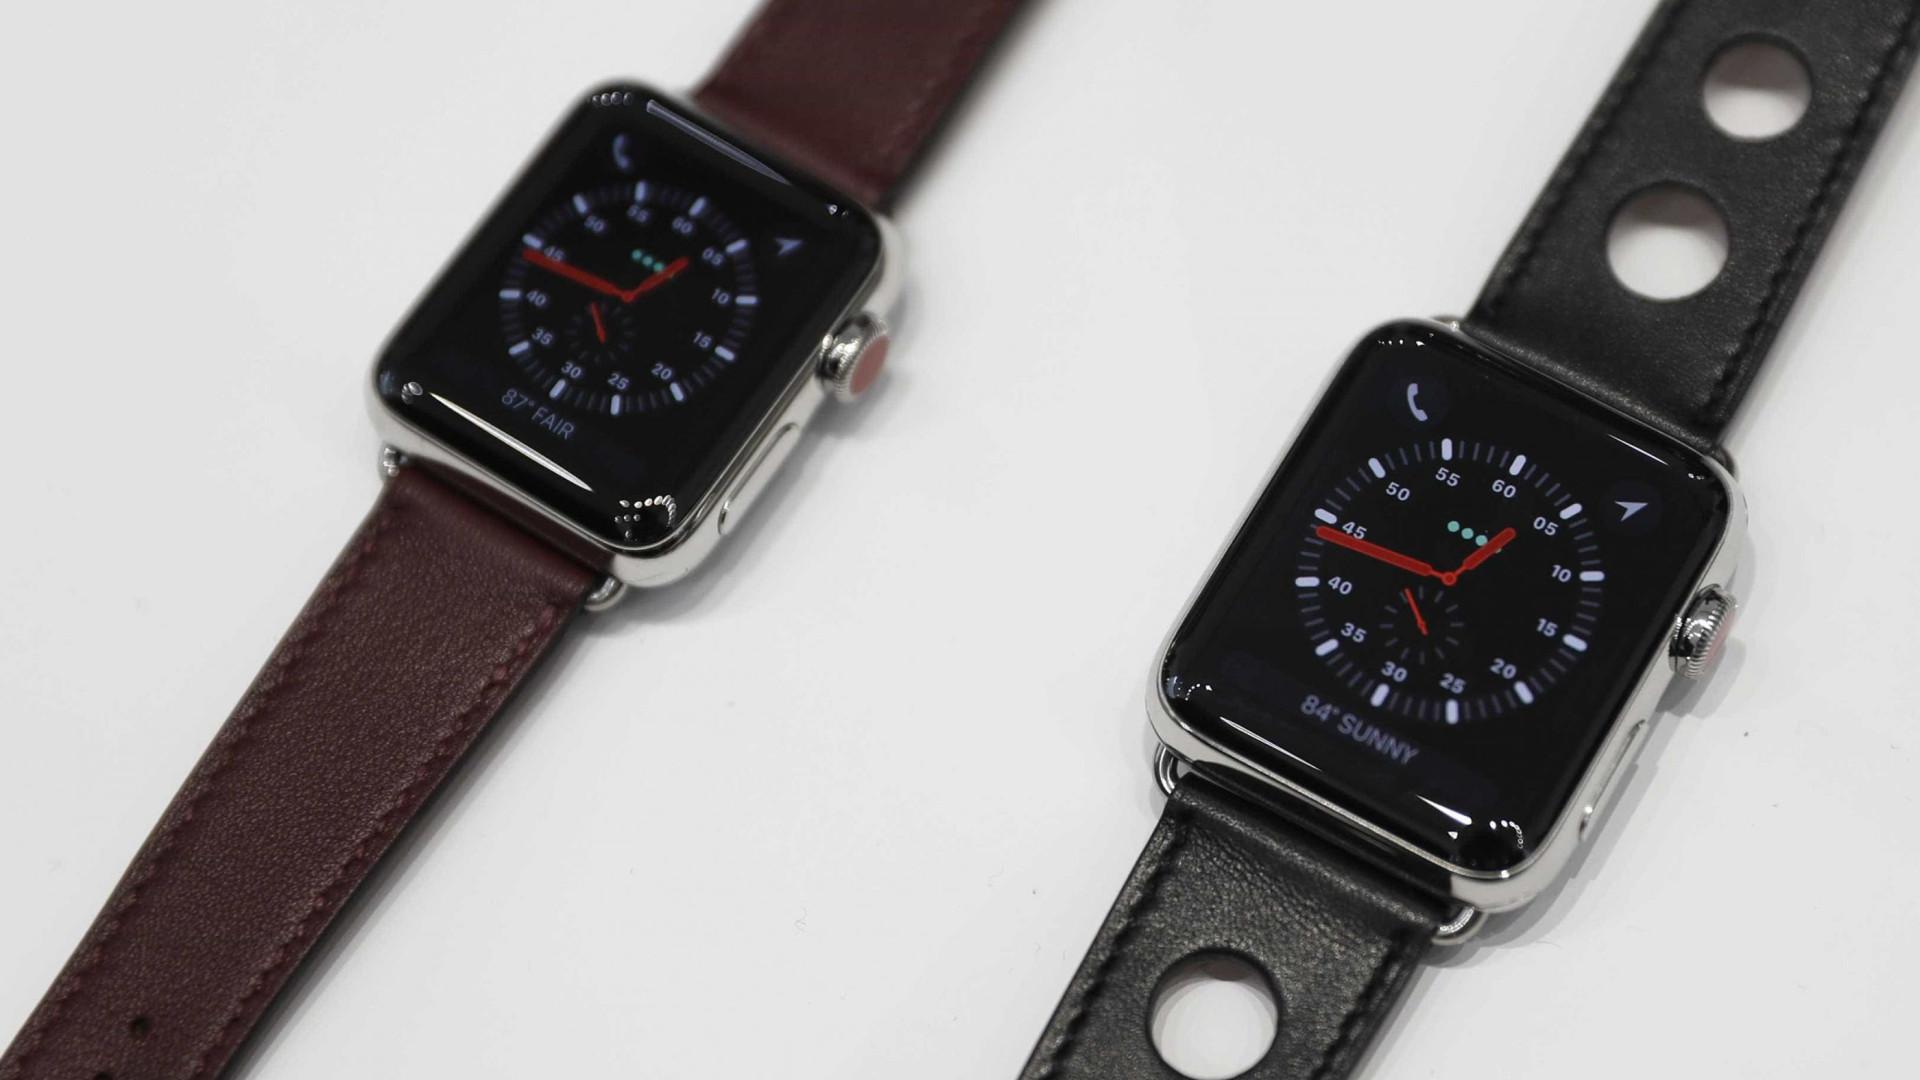 Apple admite problemas com LTE do relógio que ainda nem lançou